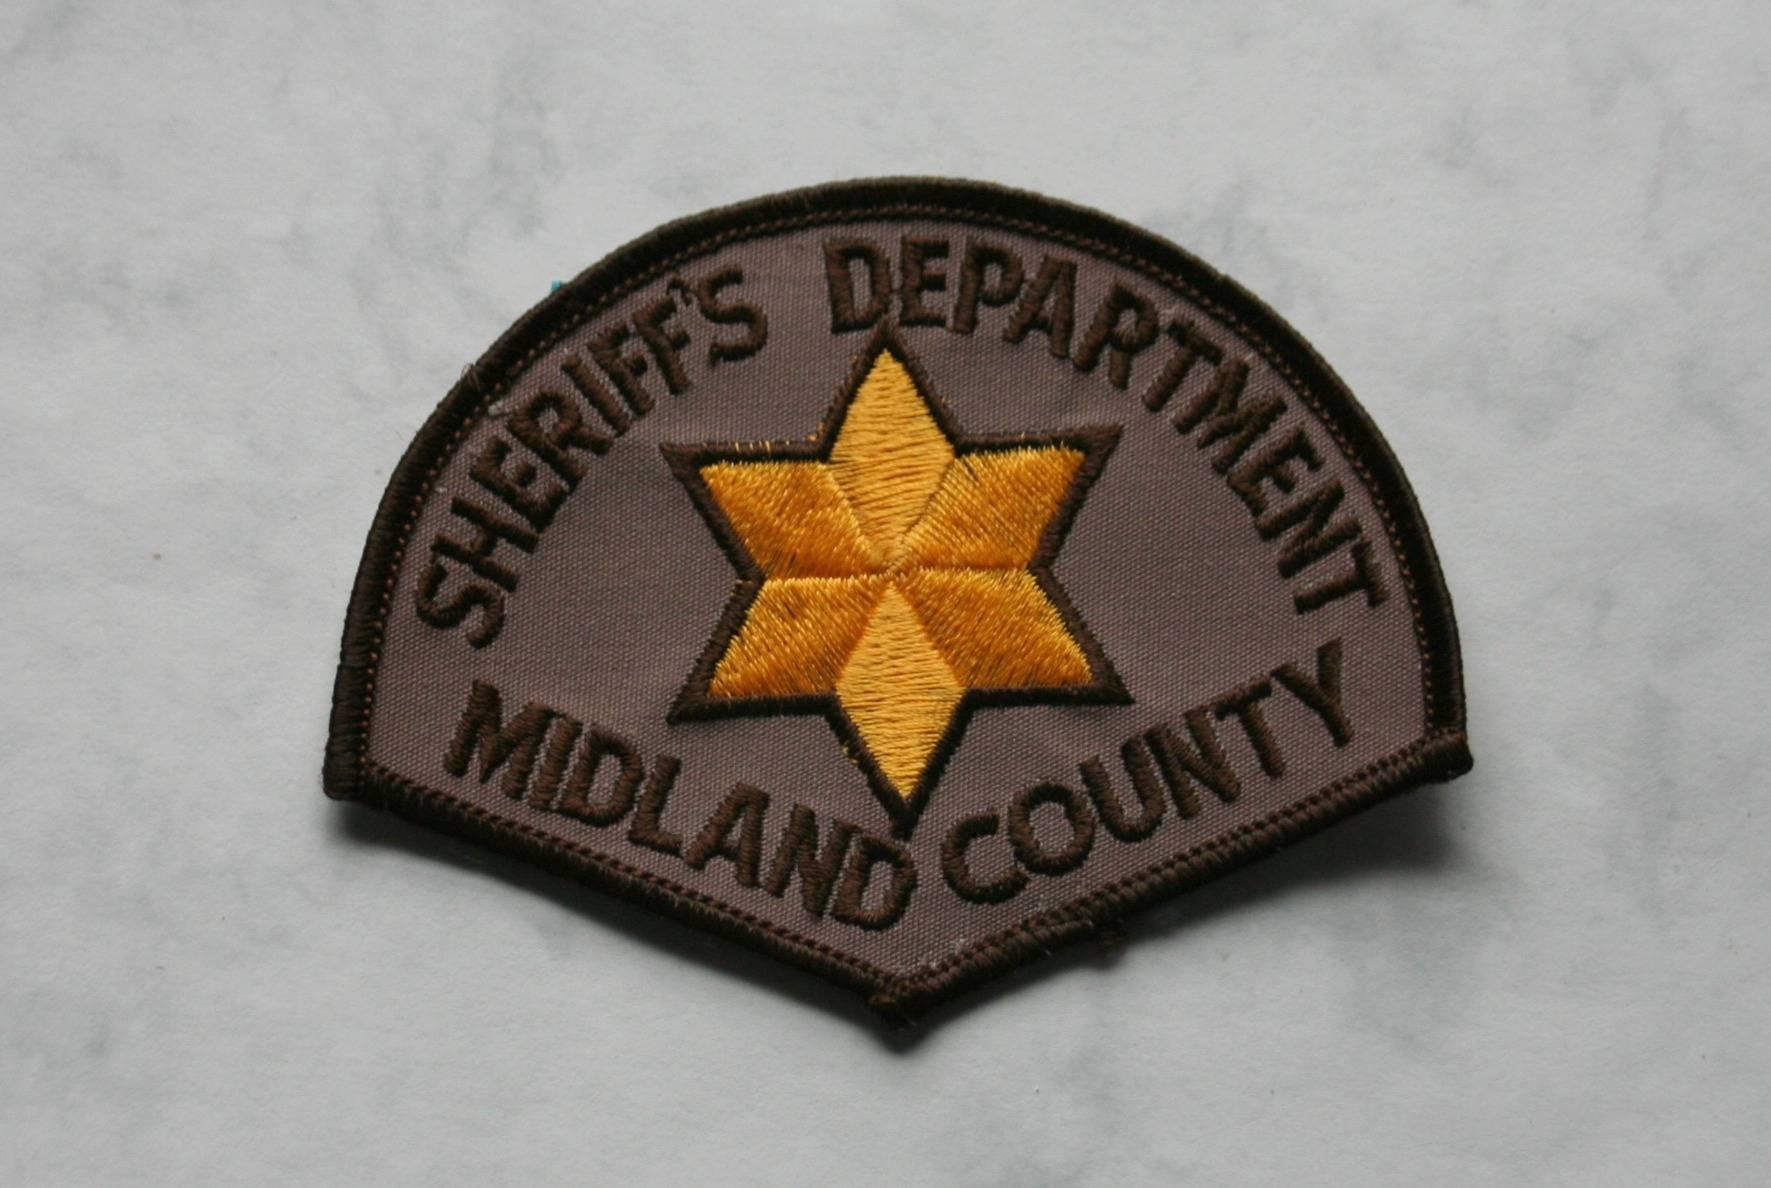 Midland Co. Mi Sheriff